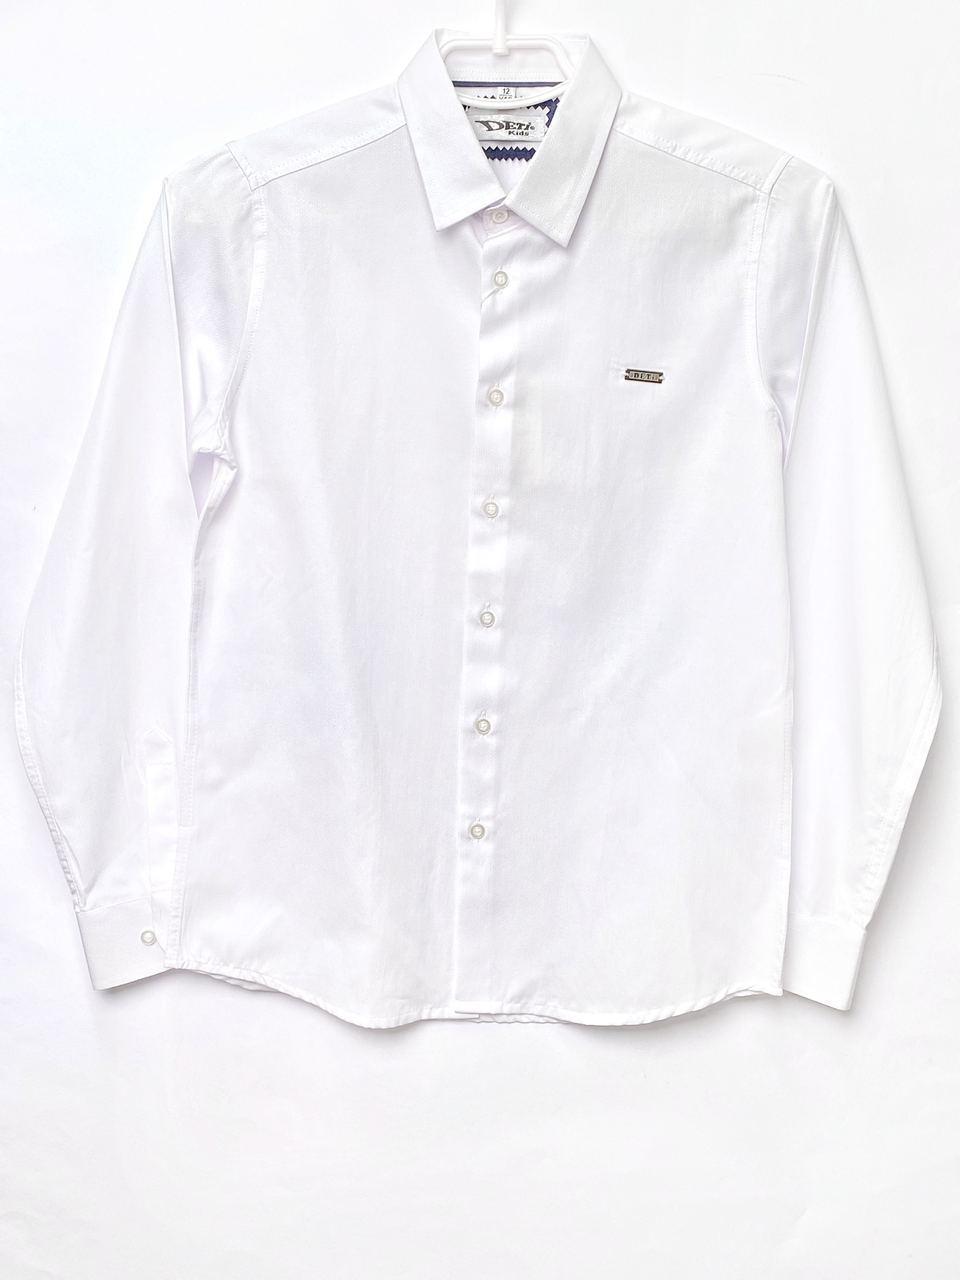 Белая рубашка для мальчика, размеры 11, 12, 14 л.